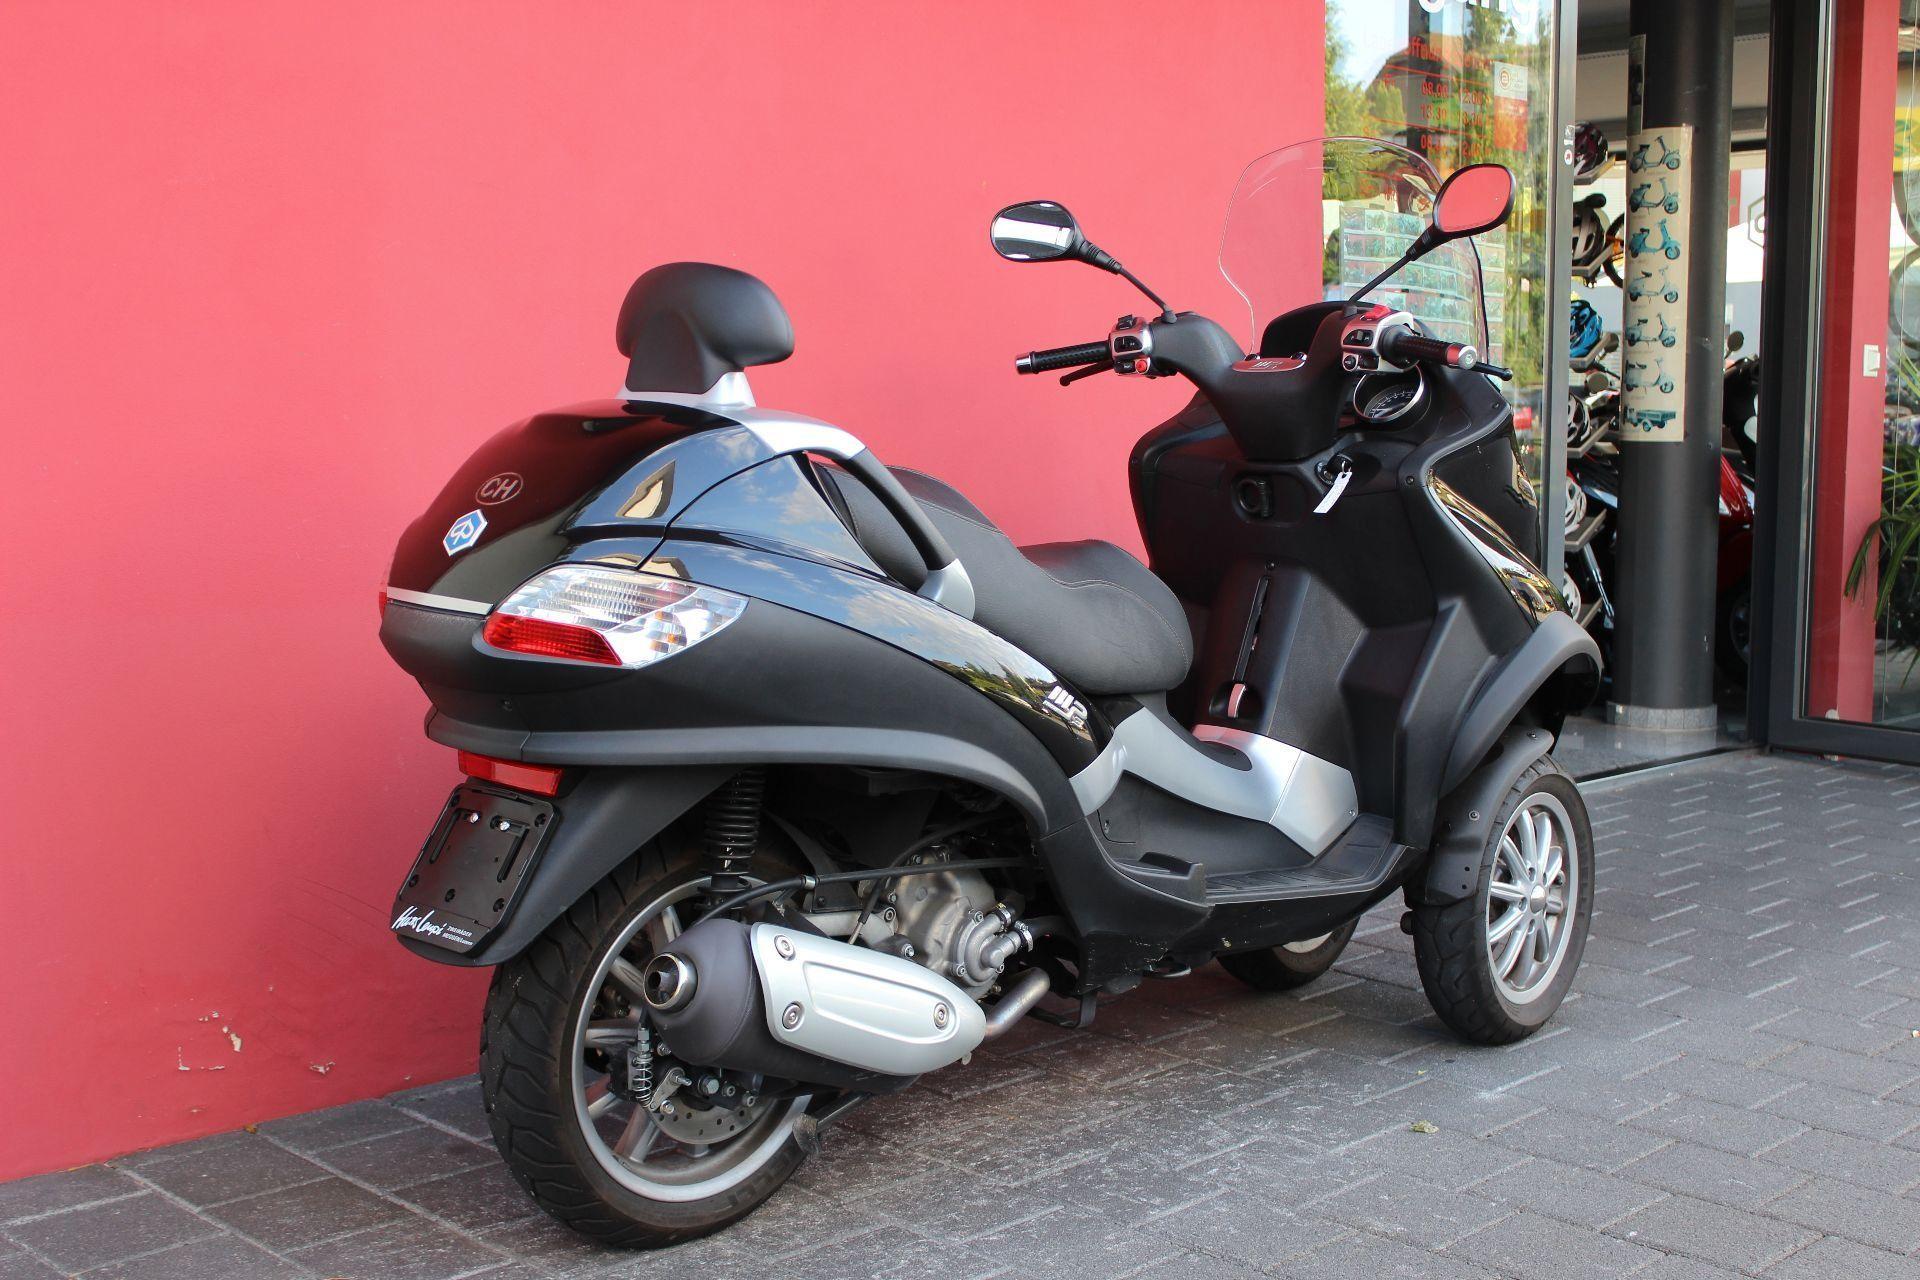 motorrad occasion kaufen piaggio mp3 250 i e 3 rad hans. Black Bedroom Furniture Sets. Home Design Ideas